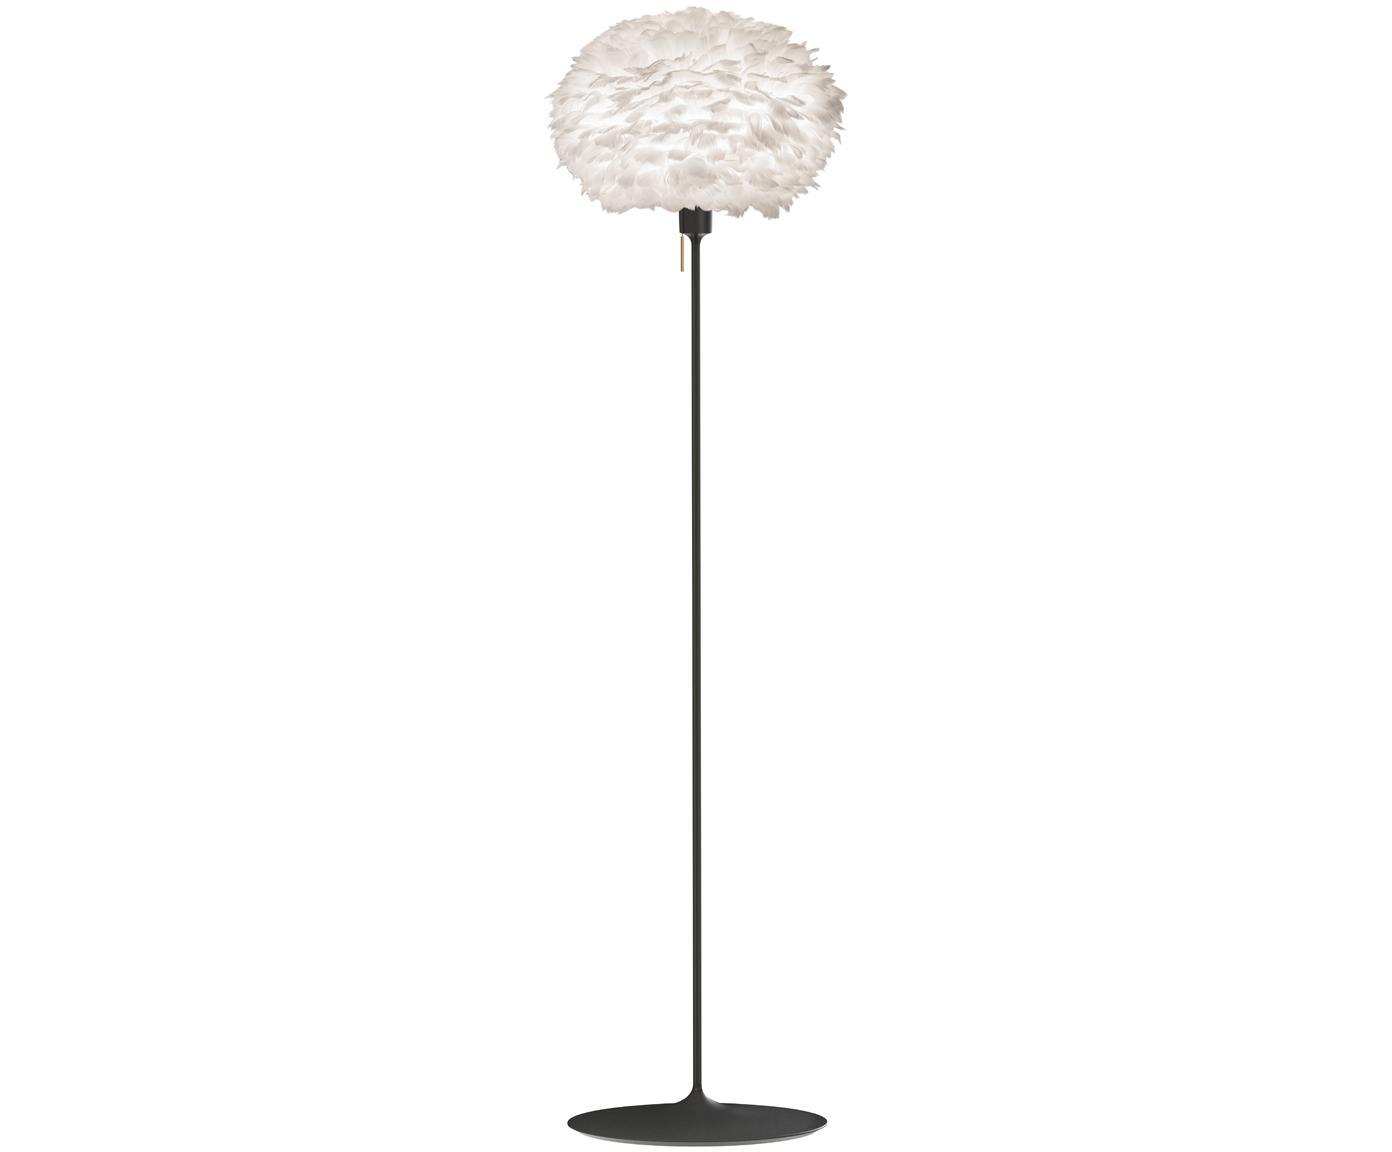 Stehlampe Eos aus Federn, Lampenschirm: Gänsefedern, Stahl, Sockel: Stahl, lackiert, Weiss, Schwarz, Ø 45 x H 170 cm